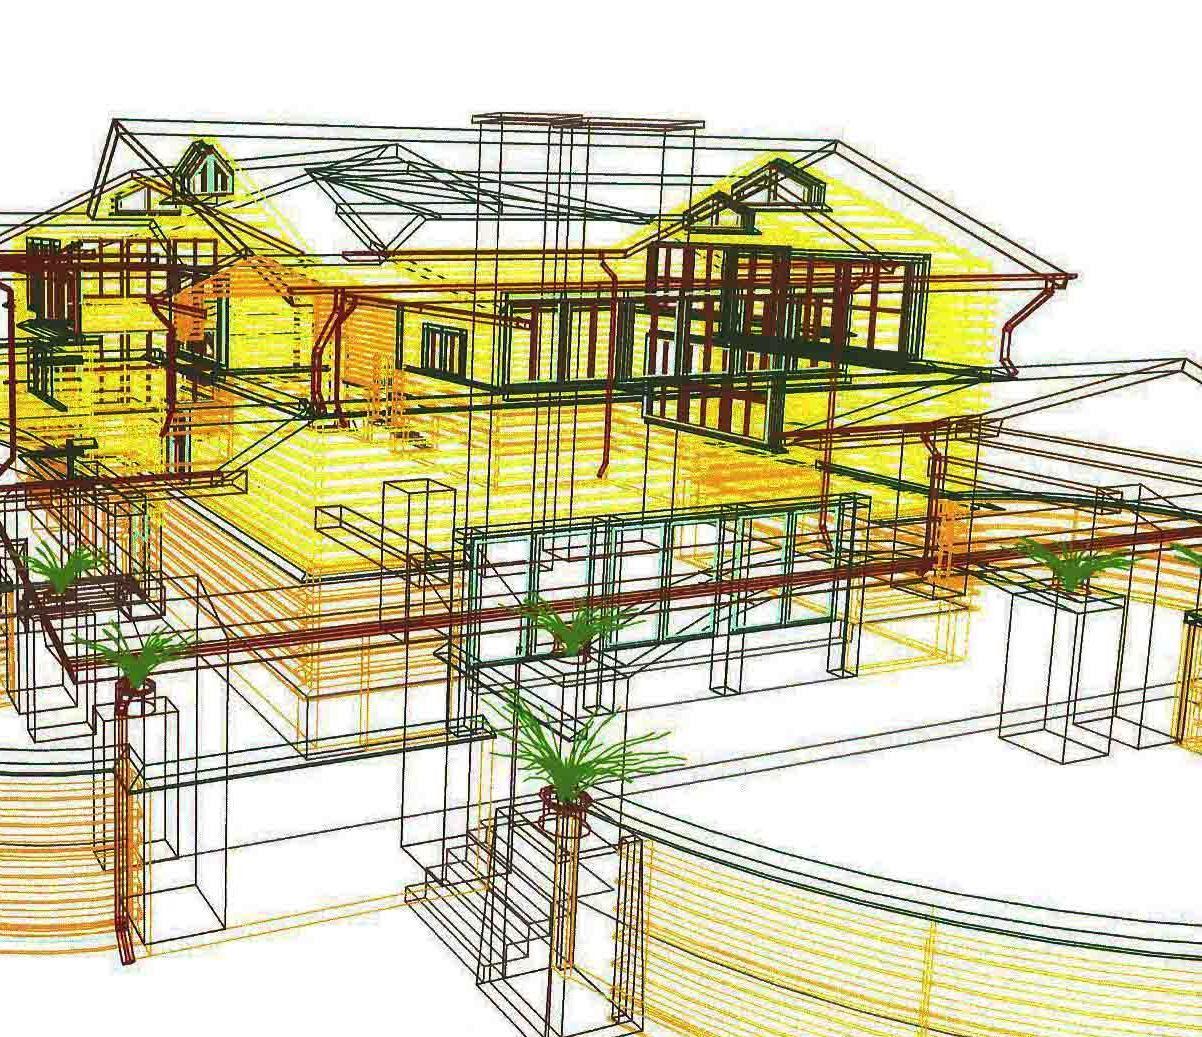 Uma assistência técnica à obra garante que o projecto de arquitectura é respeitado no decorrer da obra. Permite ajustes feitos durante a obra, defendendo os interesses do cliente, com o devido acompanhamento técnico e especializado.